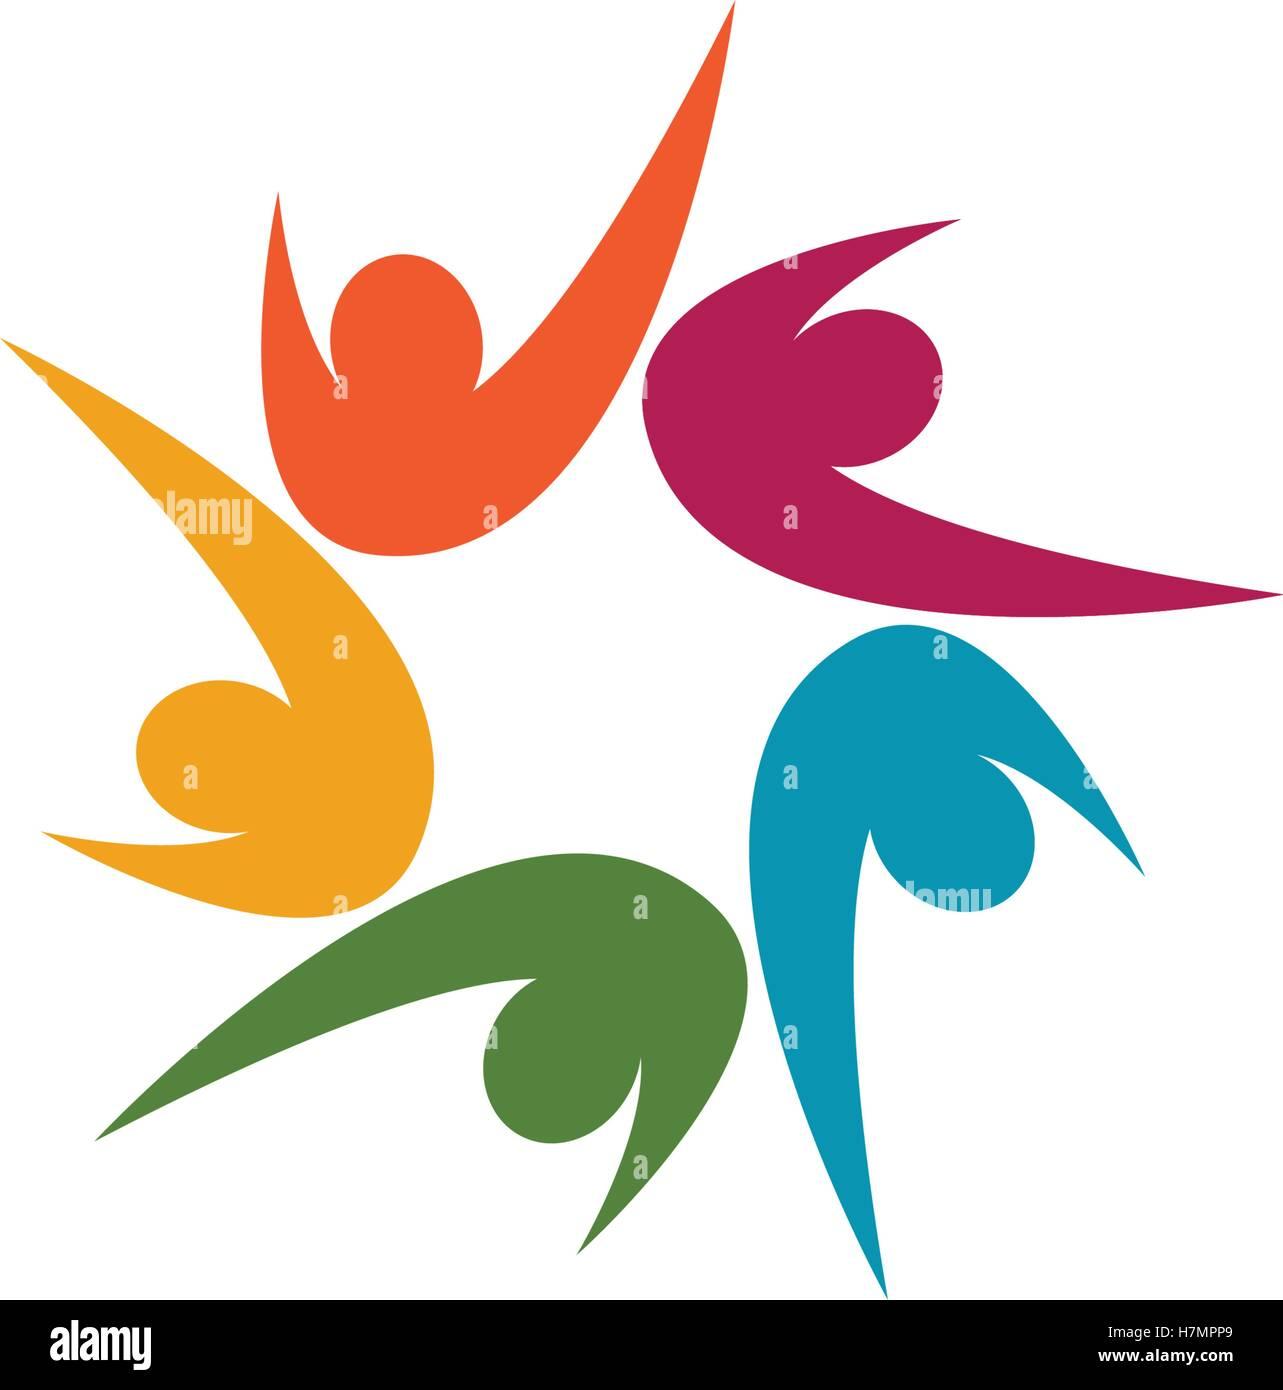 Annahme und Gemeinschaft Pflege Logo Vorlage Vektor icon Vektor ...